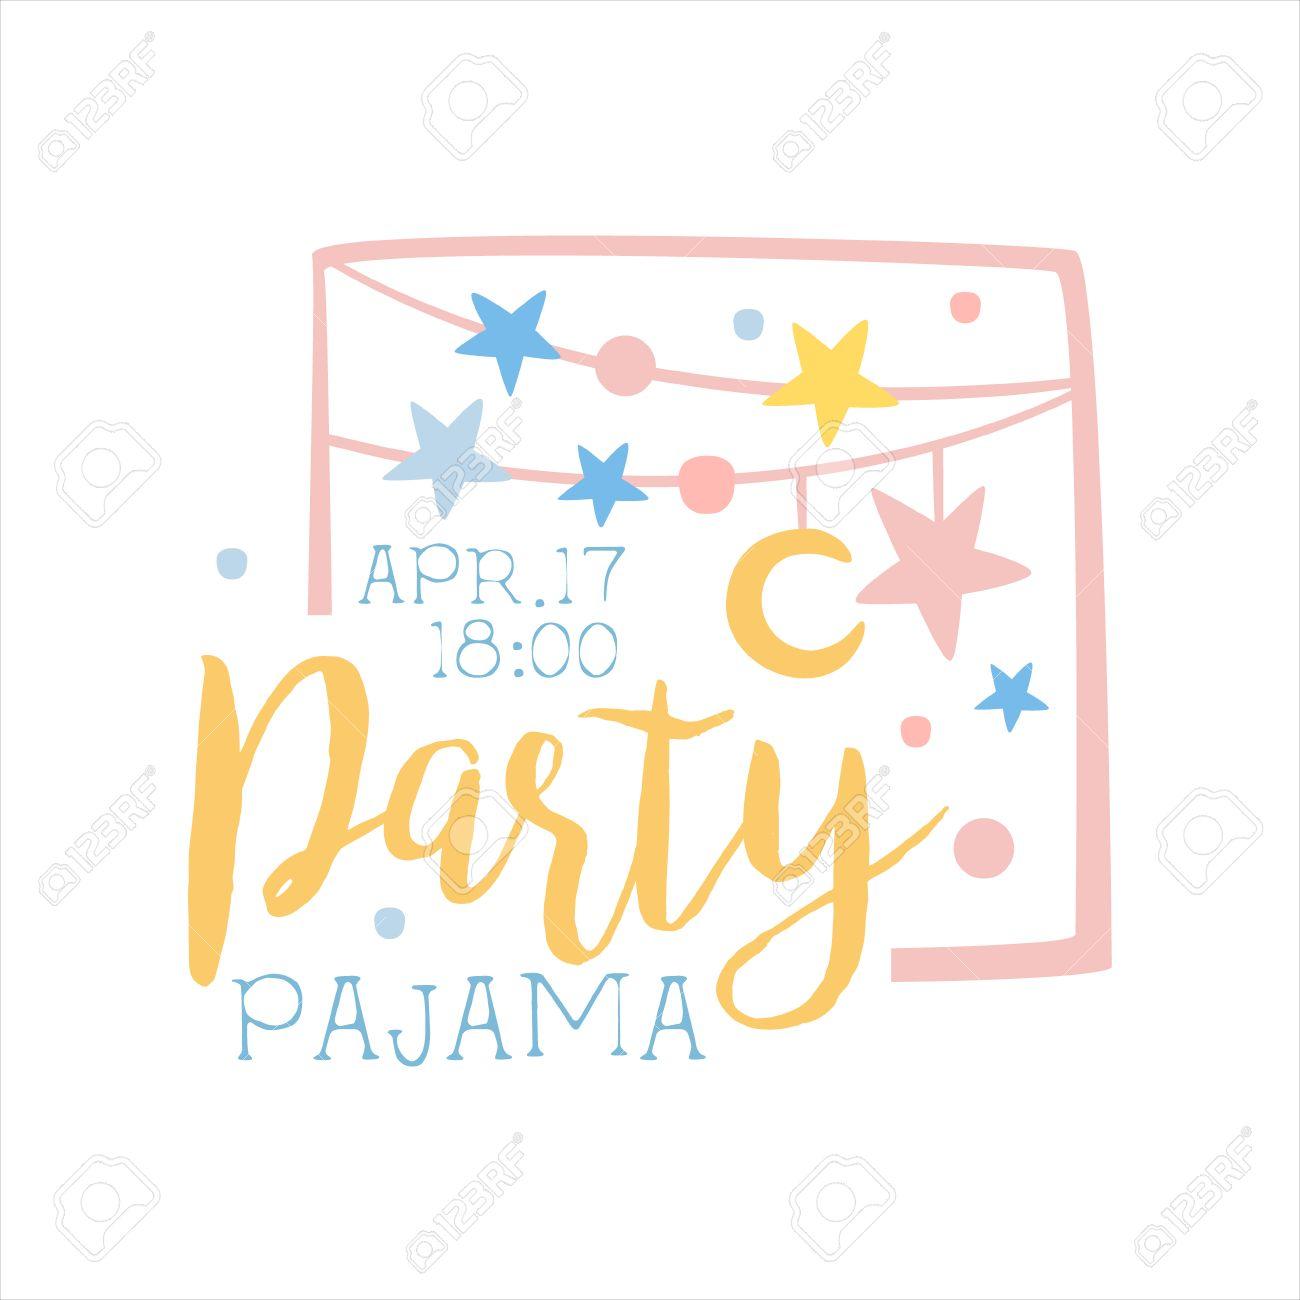 Plantilla De La Tarjeta De La Invitación Femenina De La Fiesta De Pijama Con Guirnaldas De Invitación Infantil Para Los Pijamas De Los Pijamas Pijama